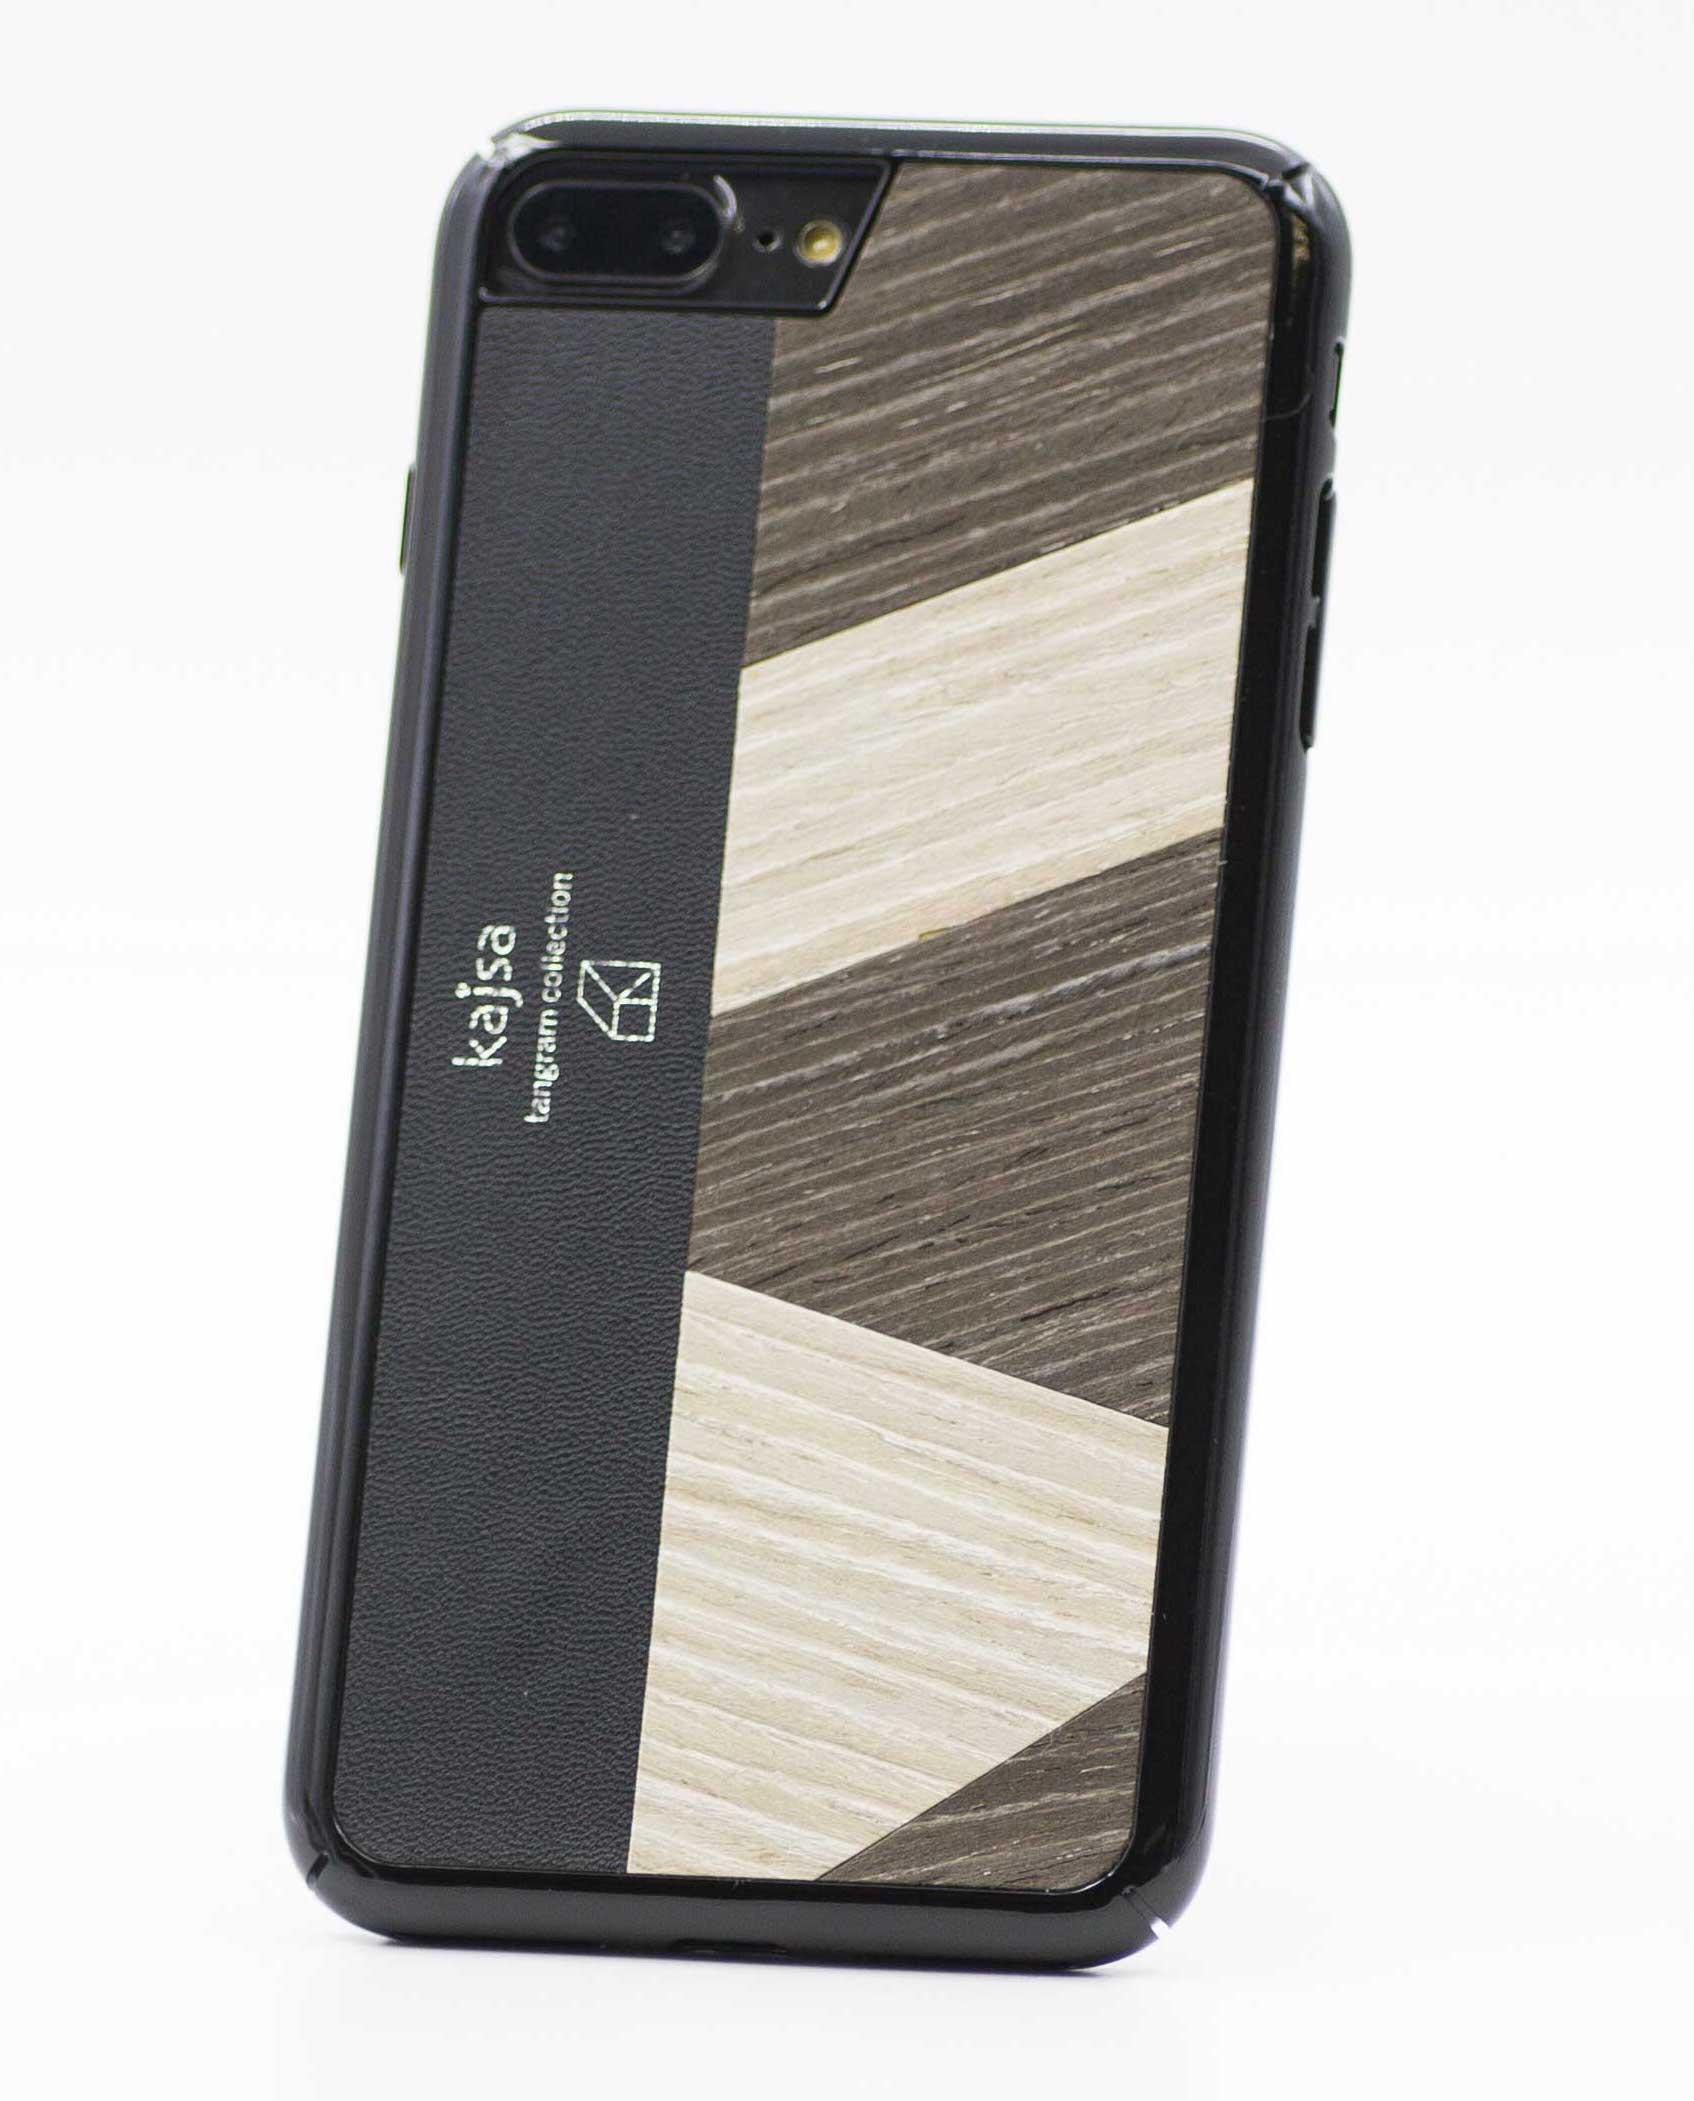 Perspektivisches Foto einer Dunkelbraunen Schutzhülle Case aus echtem Holz kombiniert mit echtem Leder für das iPhone 8 Plus, das iPhone 8, das iPhone 7 und das iPhone 7 Plus.